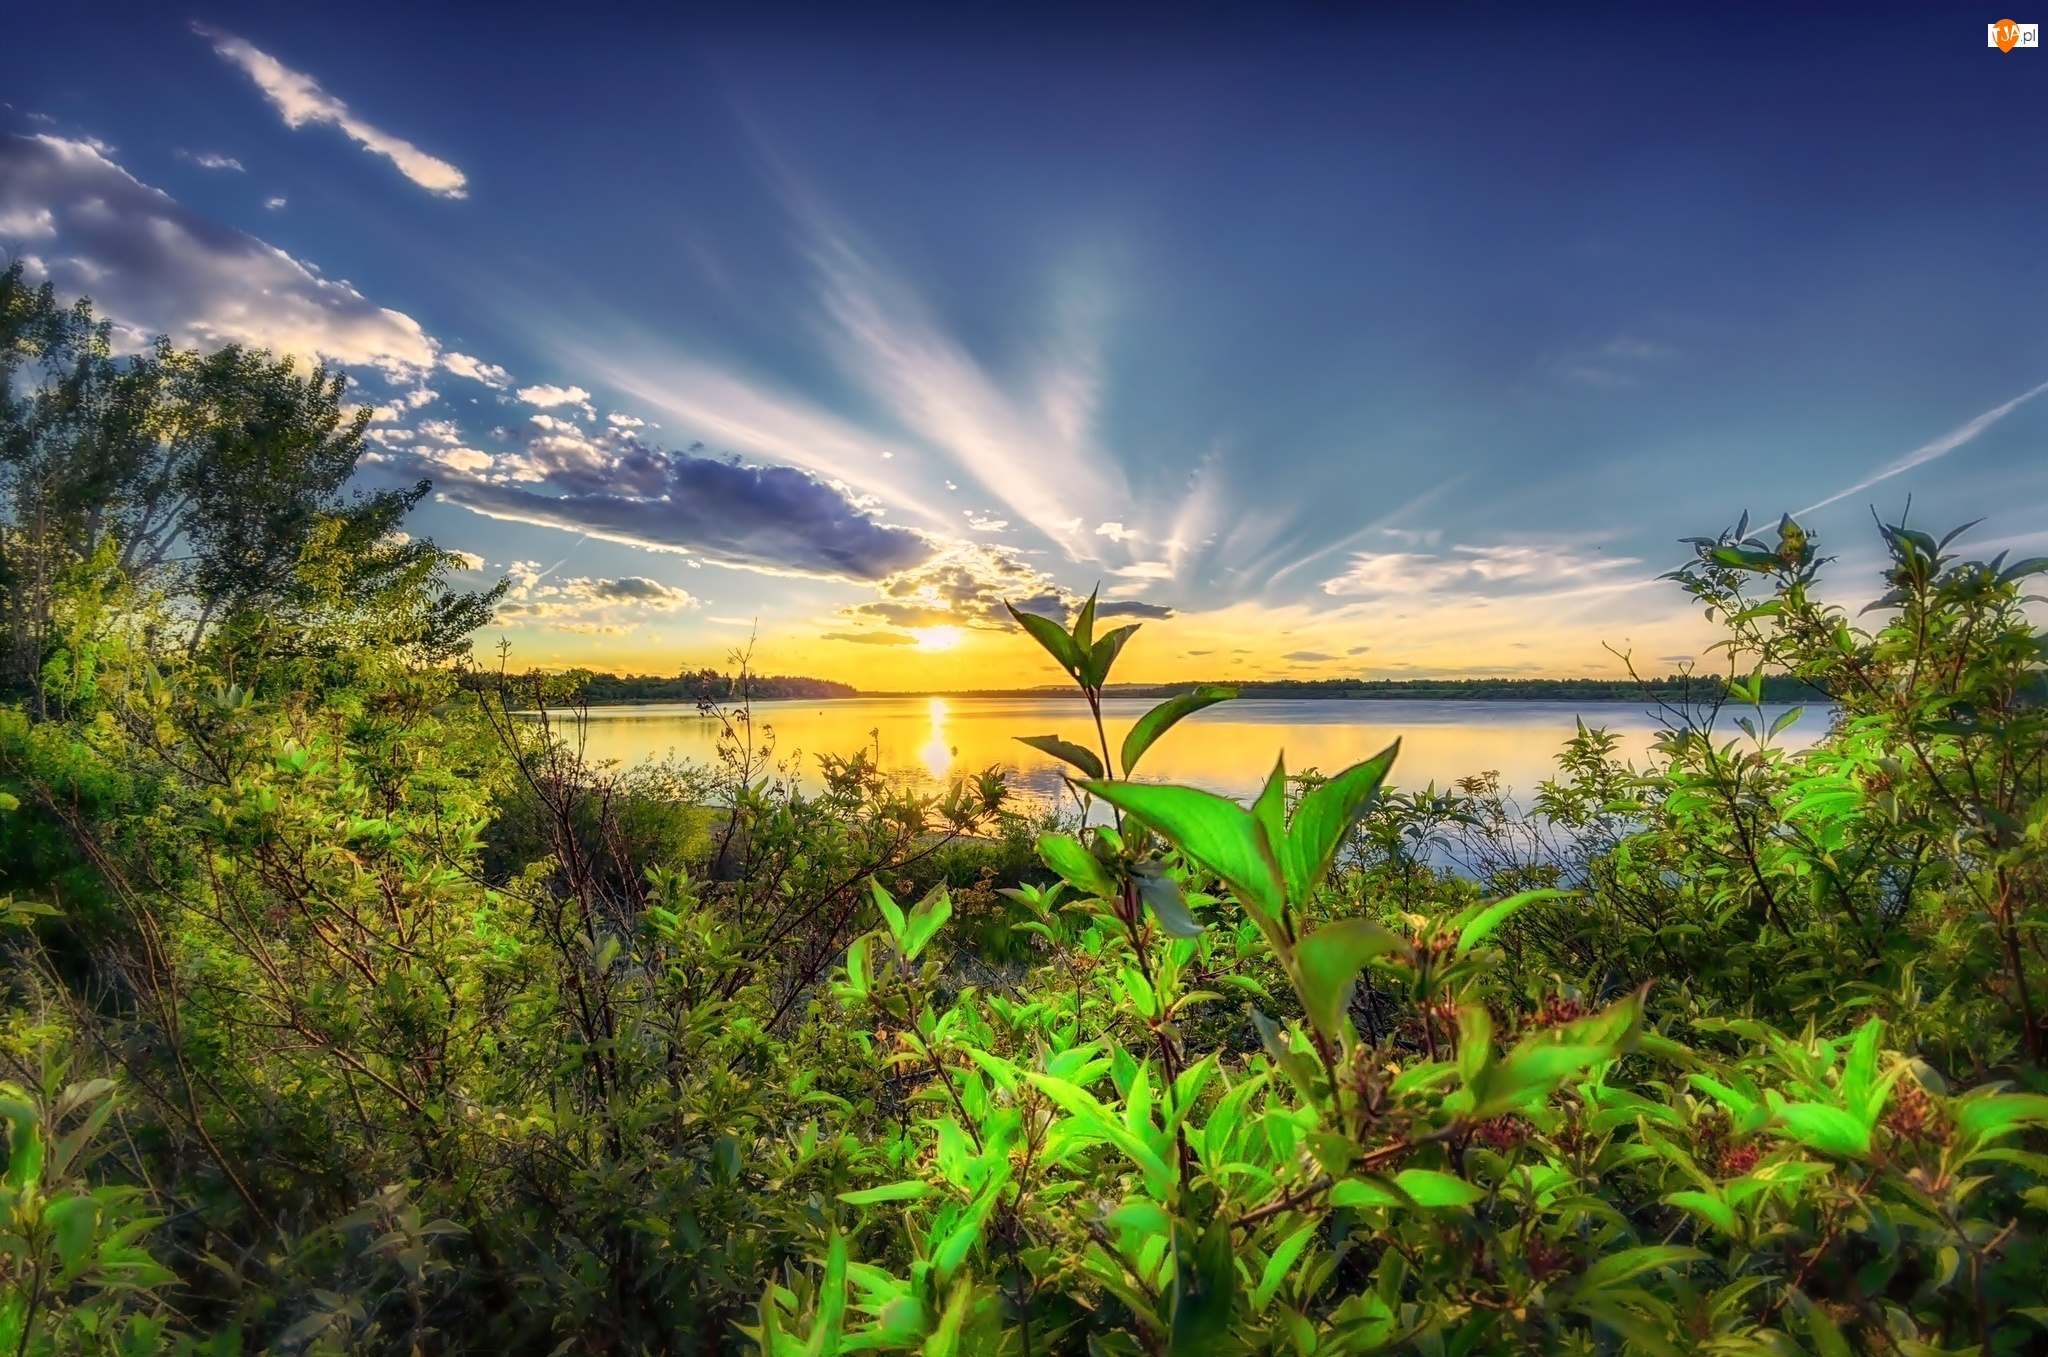 Kanada, Jezioro, Krzewy, Zachód Słońca, Alberta